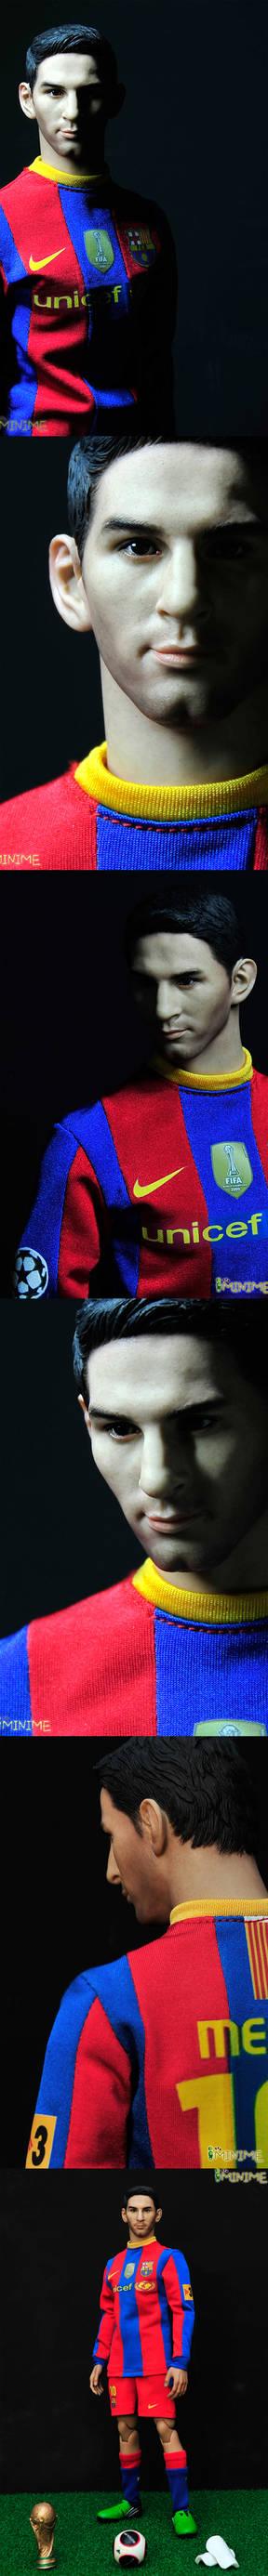 handmade messi(Barcelona football player)